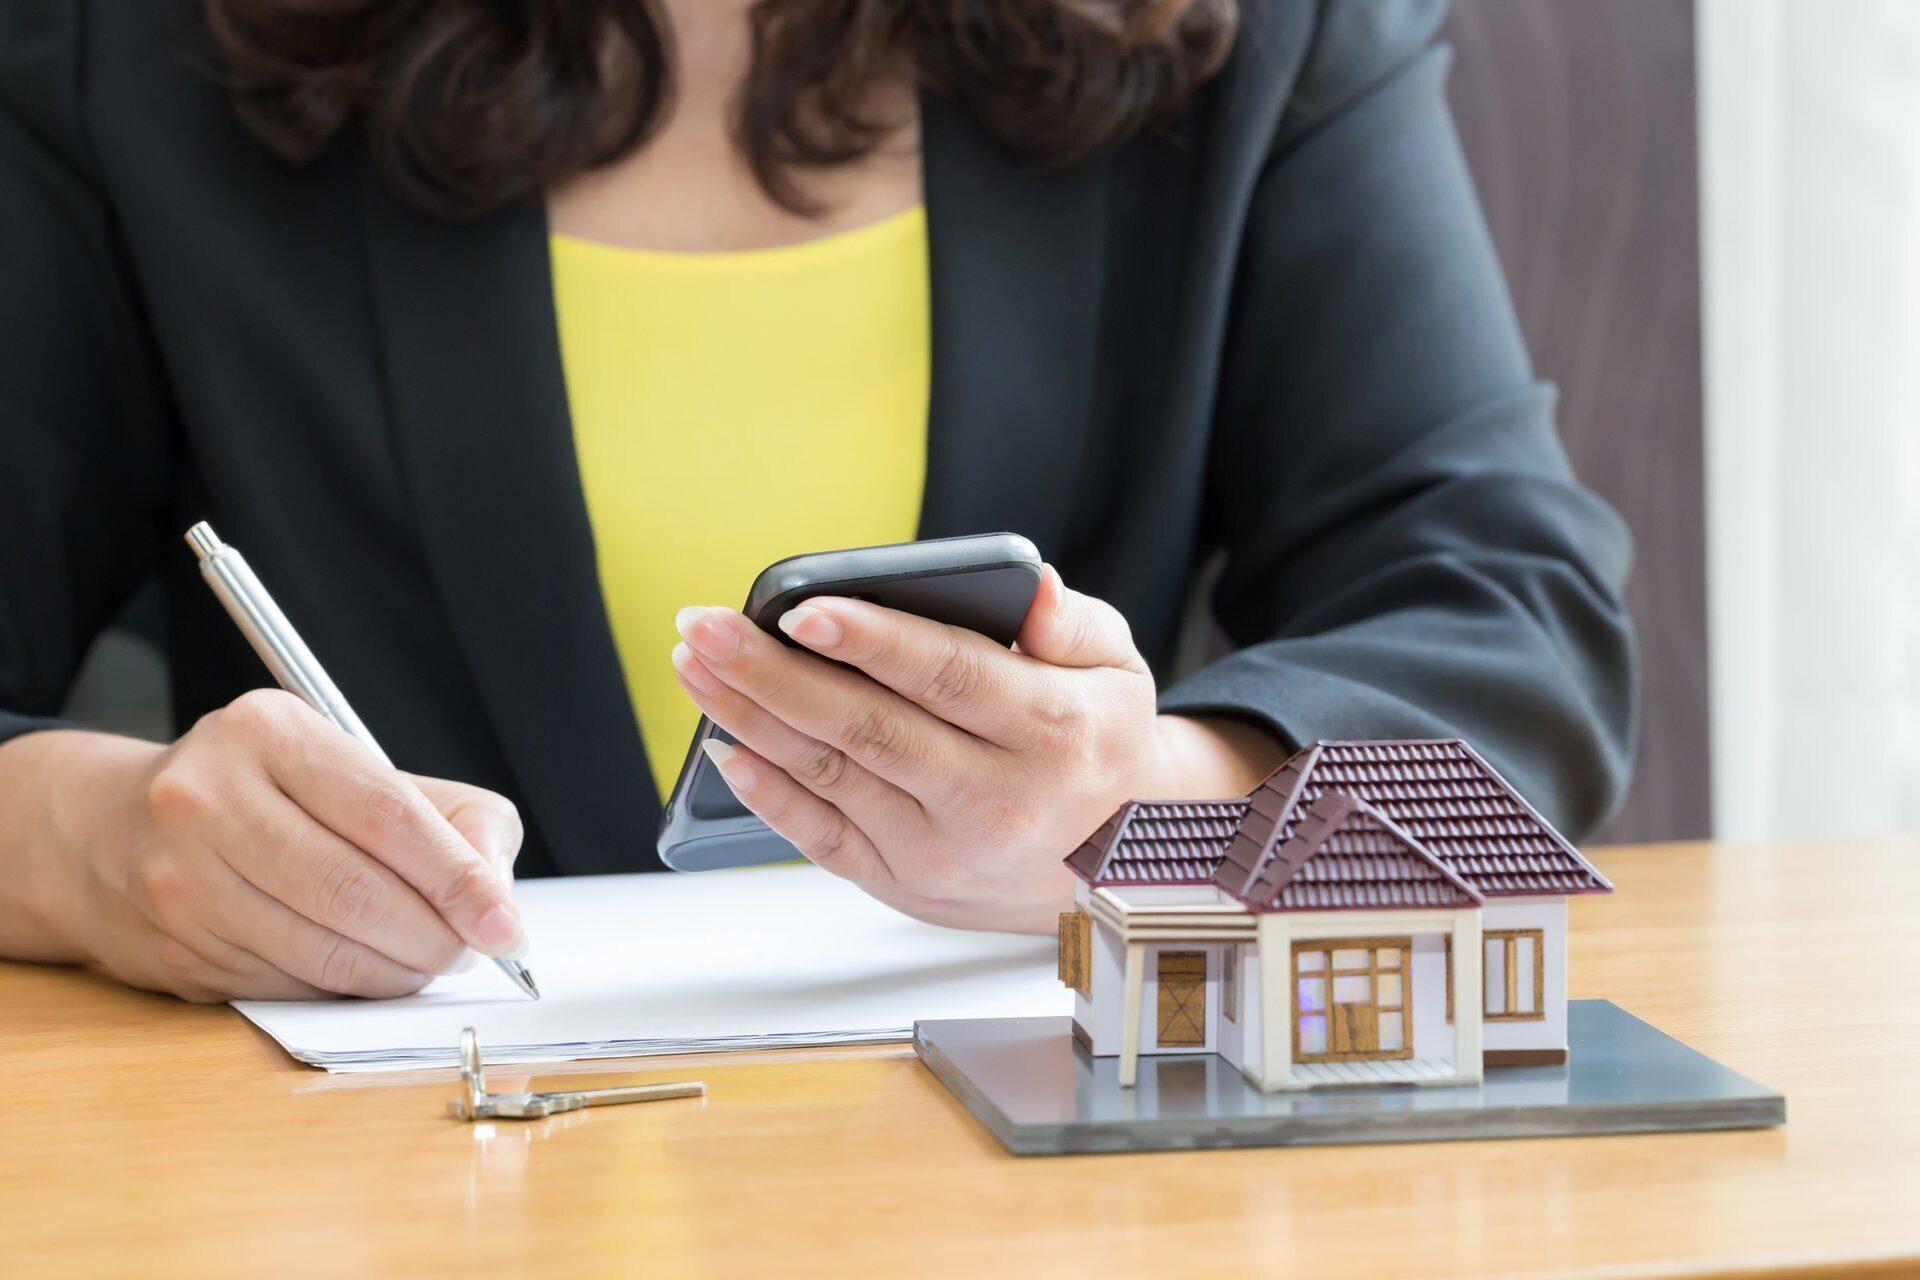 займ онлайн под недвижимость